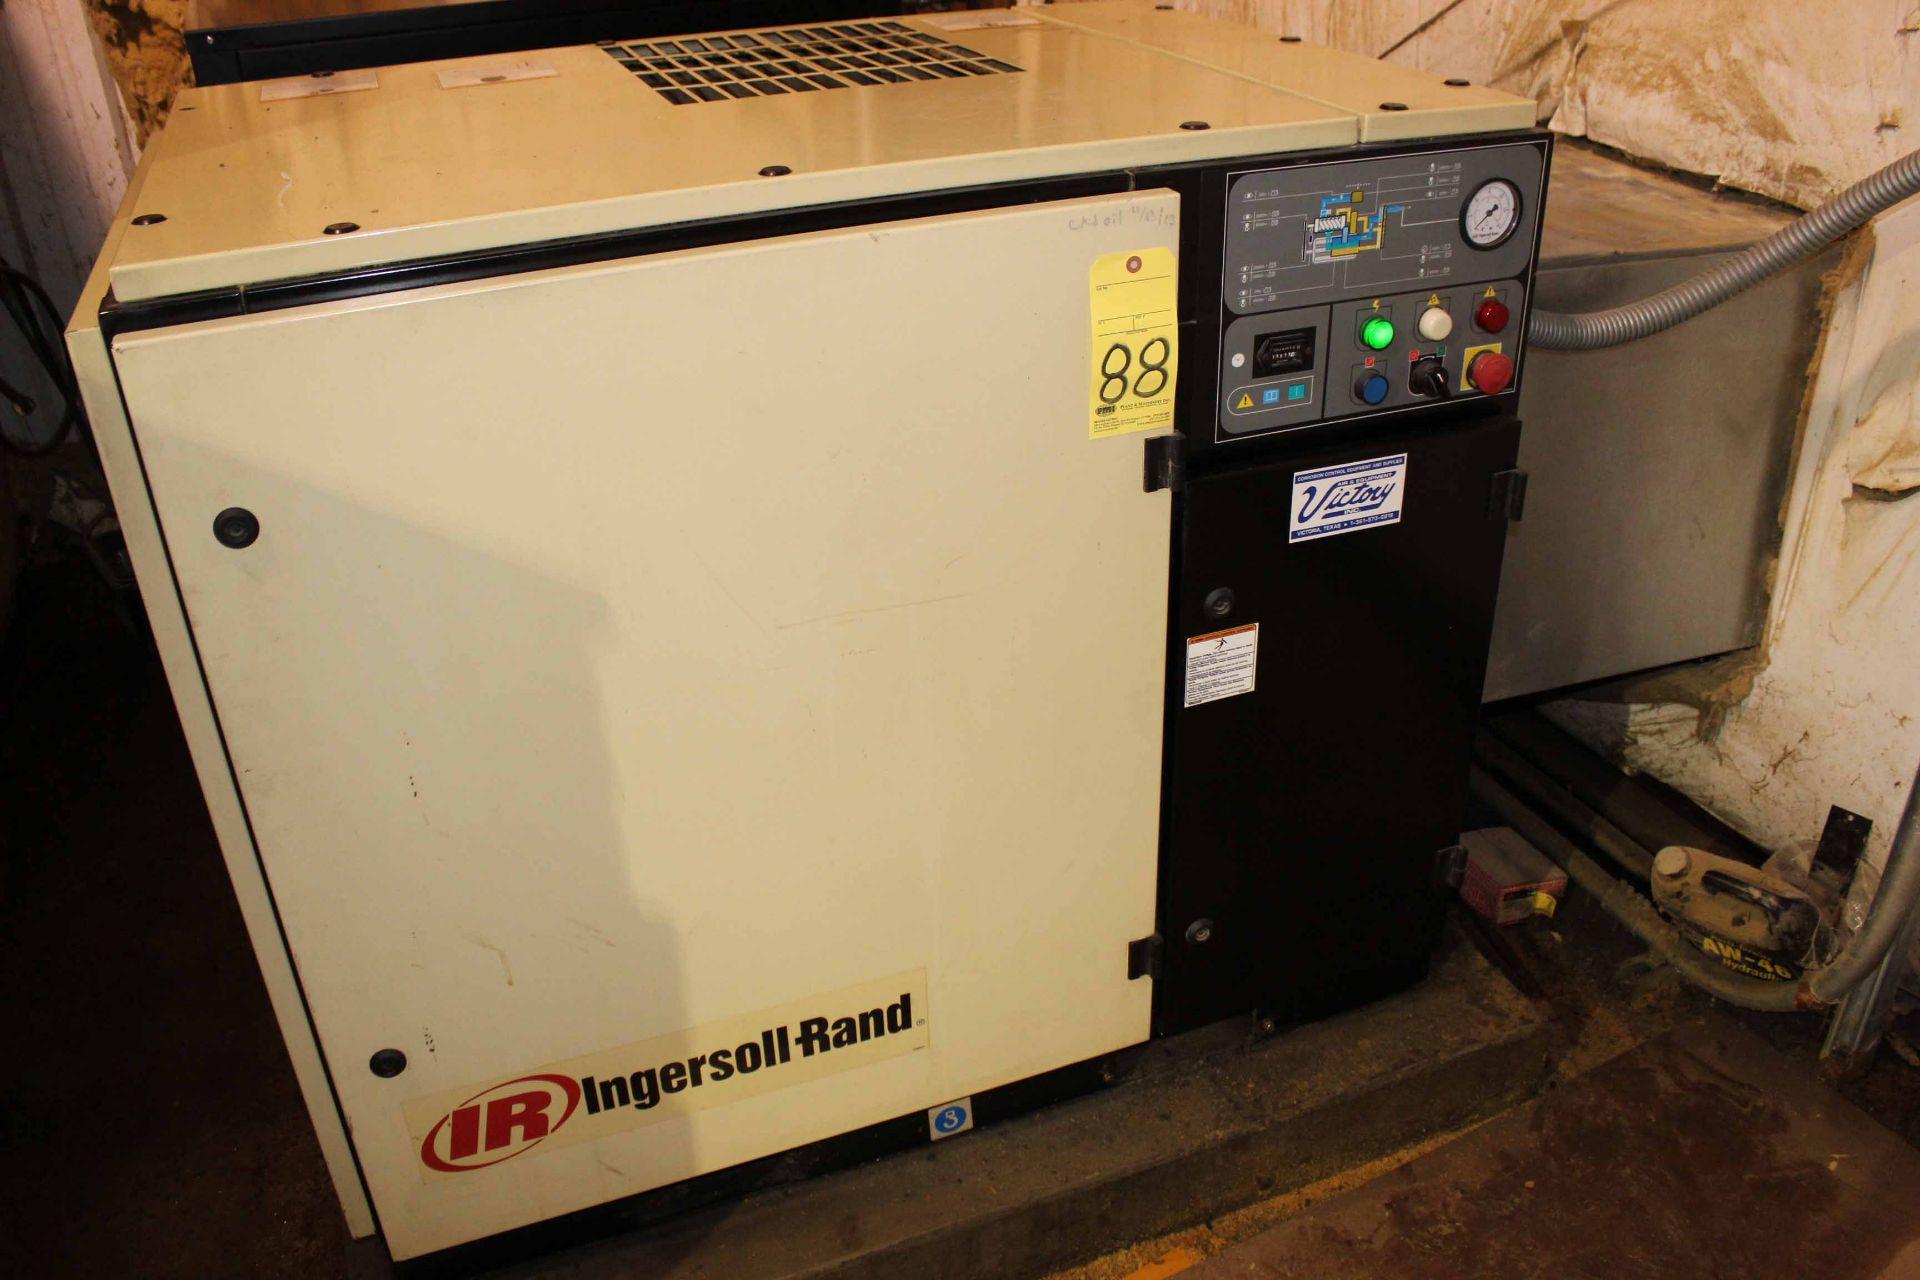 Lot 88 - AIR COMPRESSOR, INGERSOLL RAND MDL. SSRUP6-30-125, PX0138U0212, 30 HP motor, 125 max. PSI